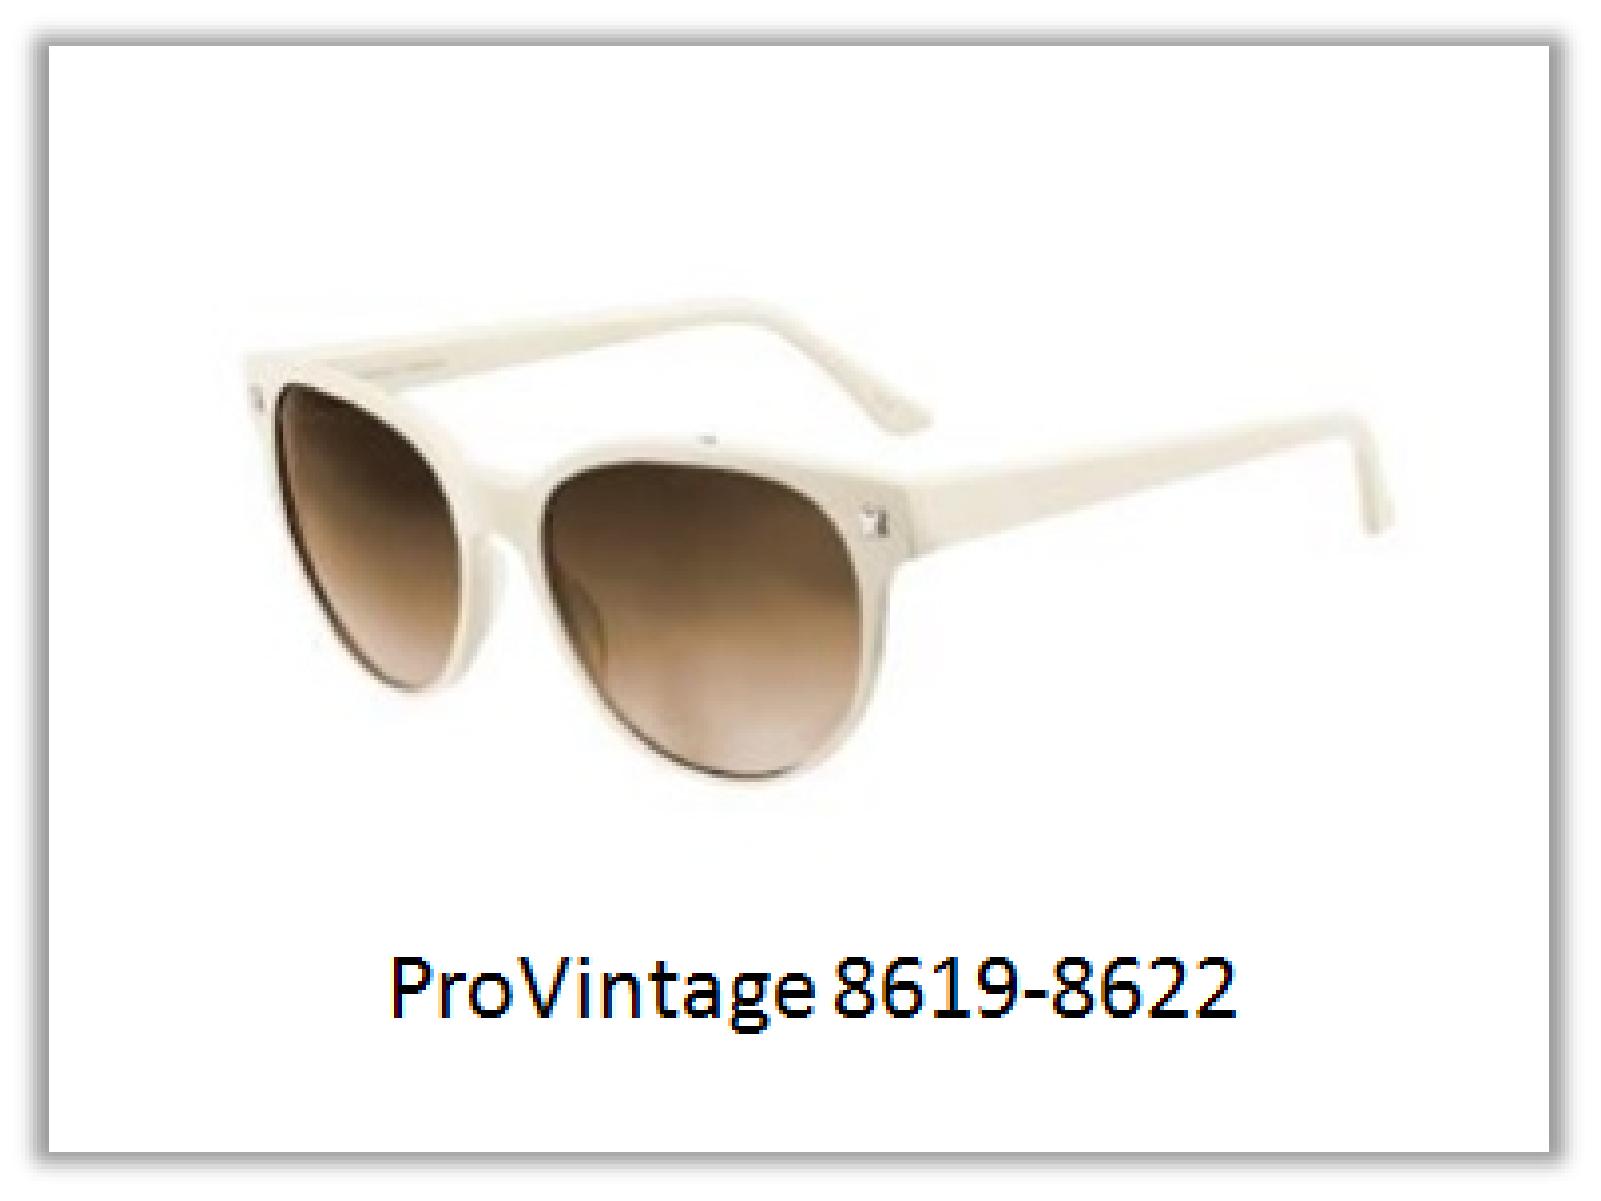 provintage 8619